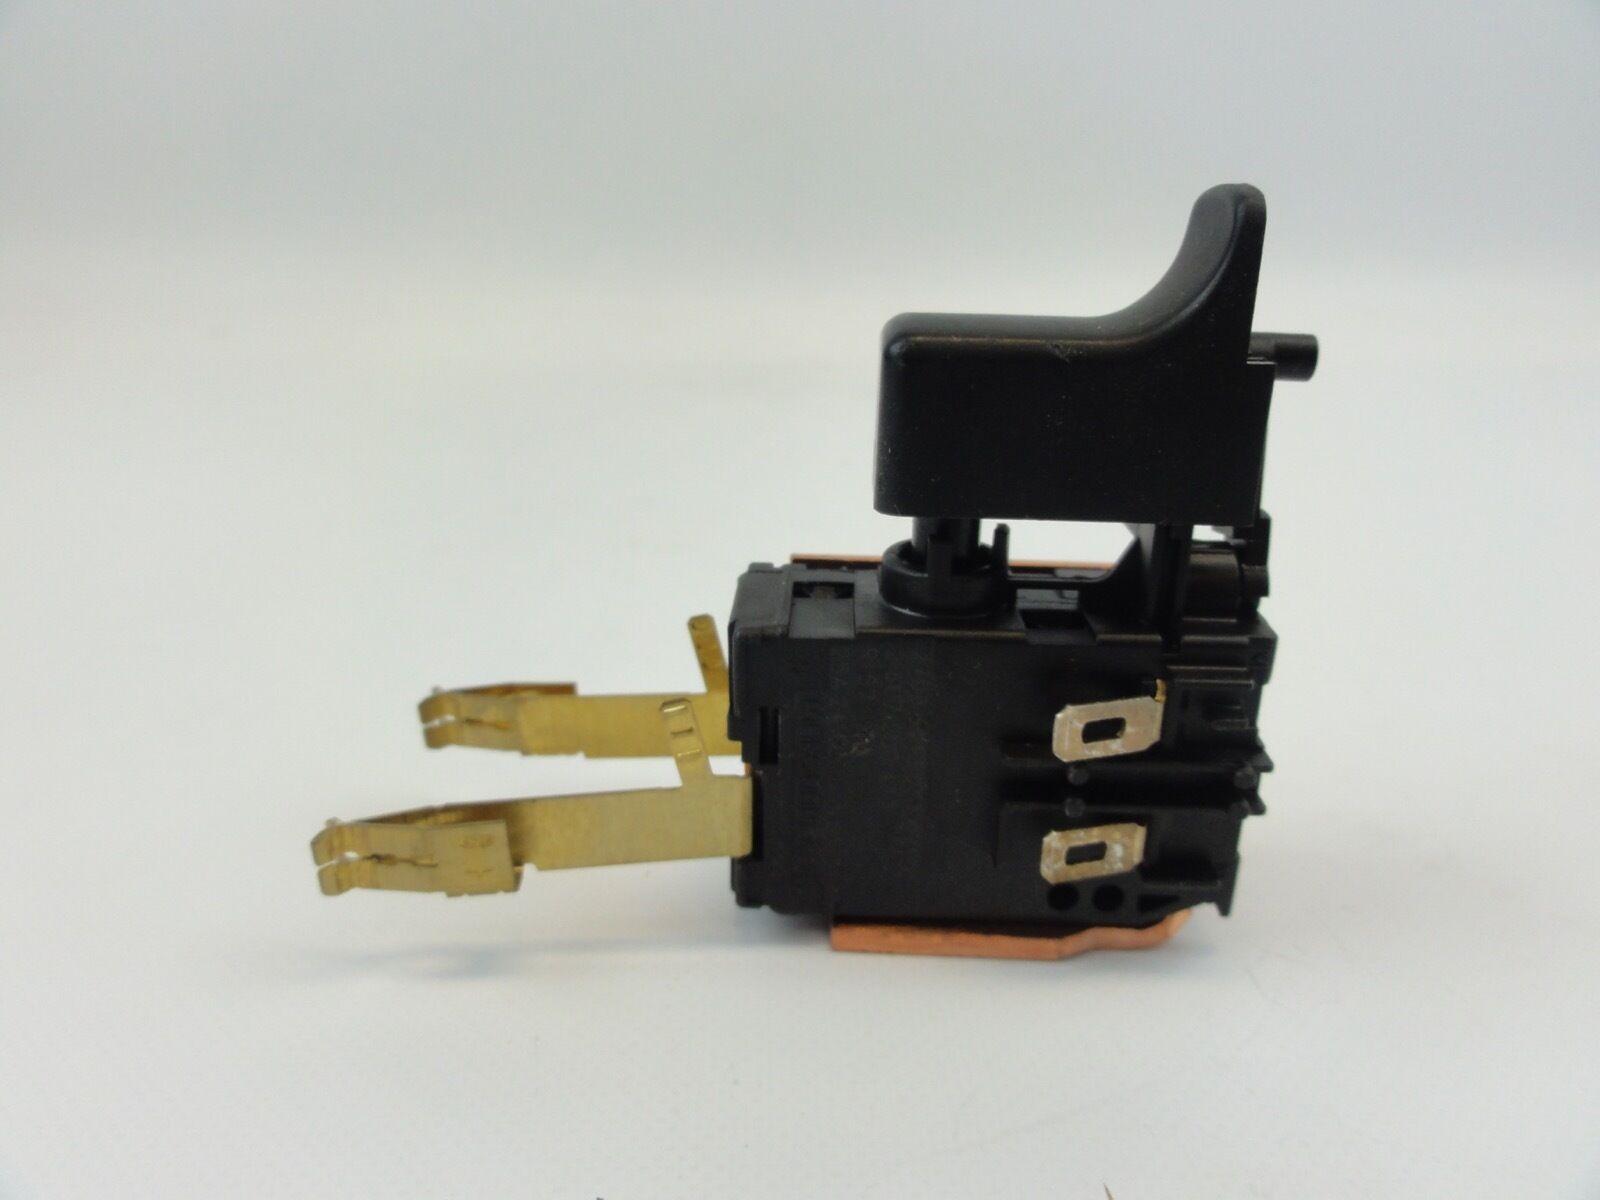 Bosch  2607200413 Neu Original Oem Schalter für 52324 52318 3960 3860 3870 3850